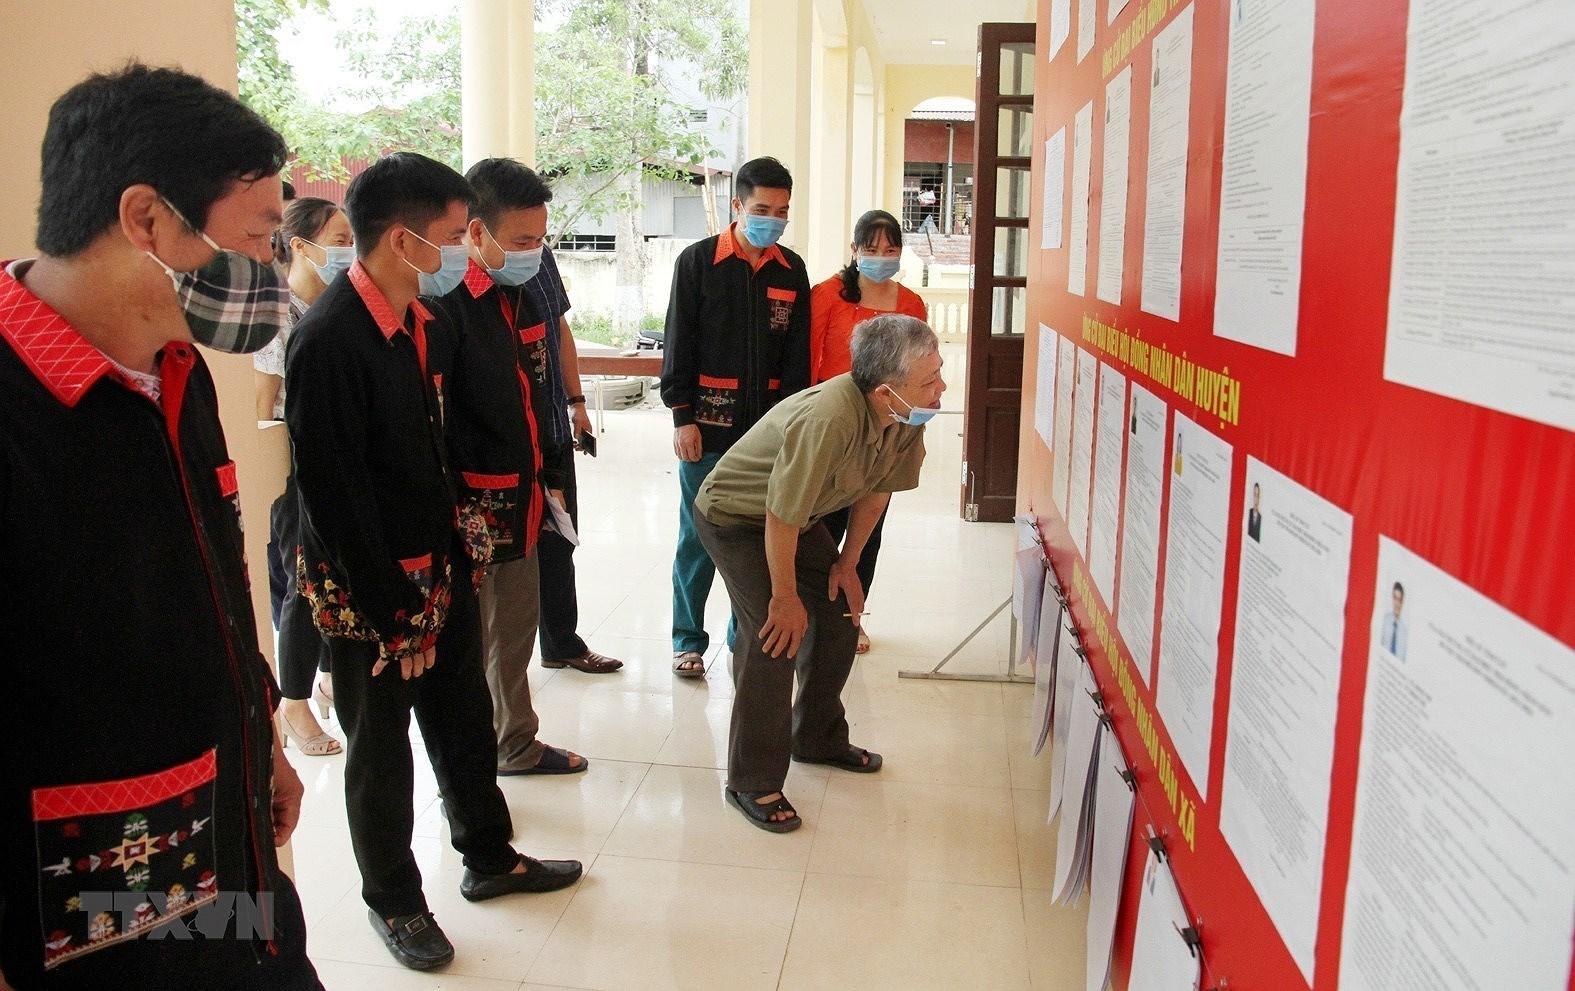 Phu Tho chu dong phuong an phong, chong COVID-19 trong Ngay Bau cu hinh anh 1